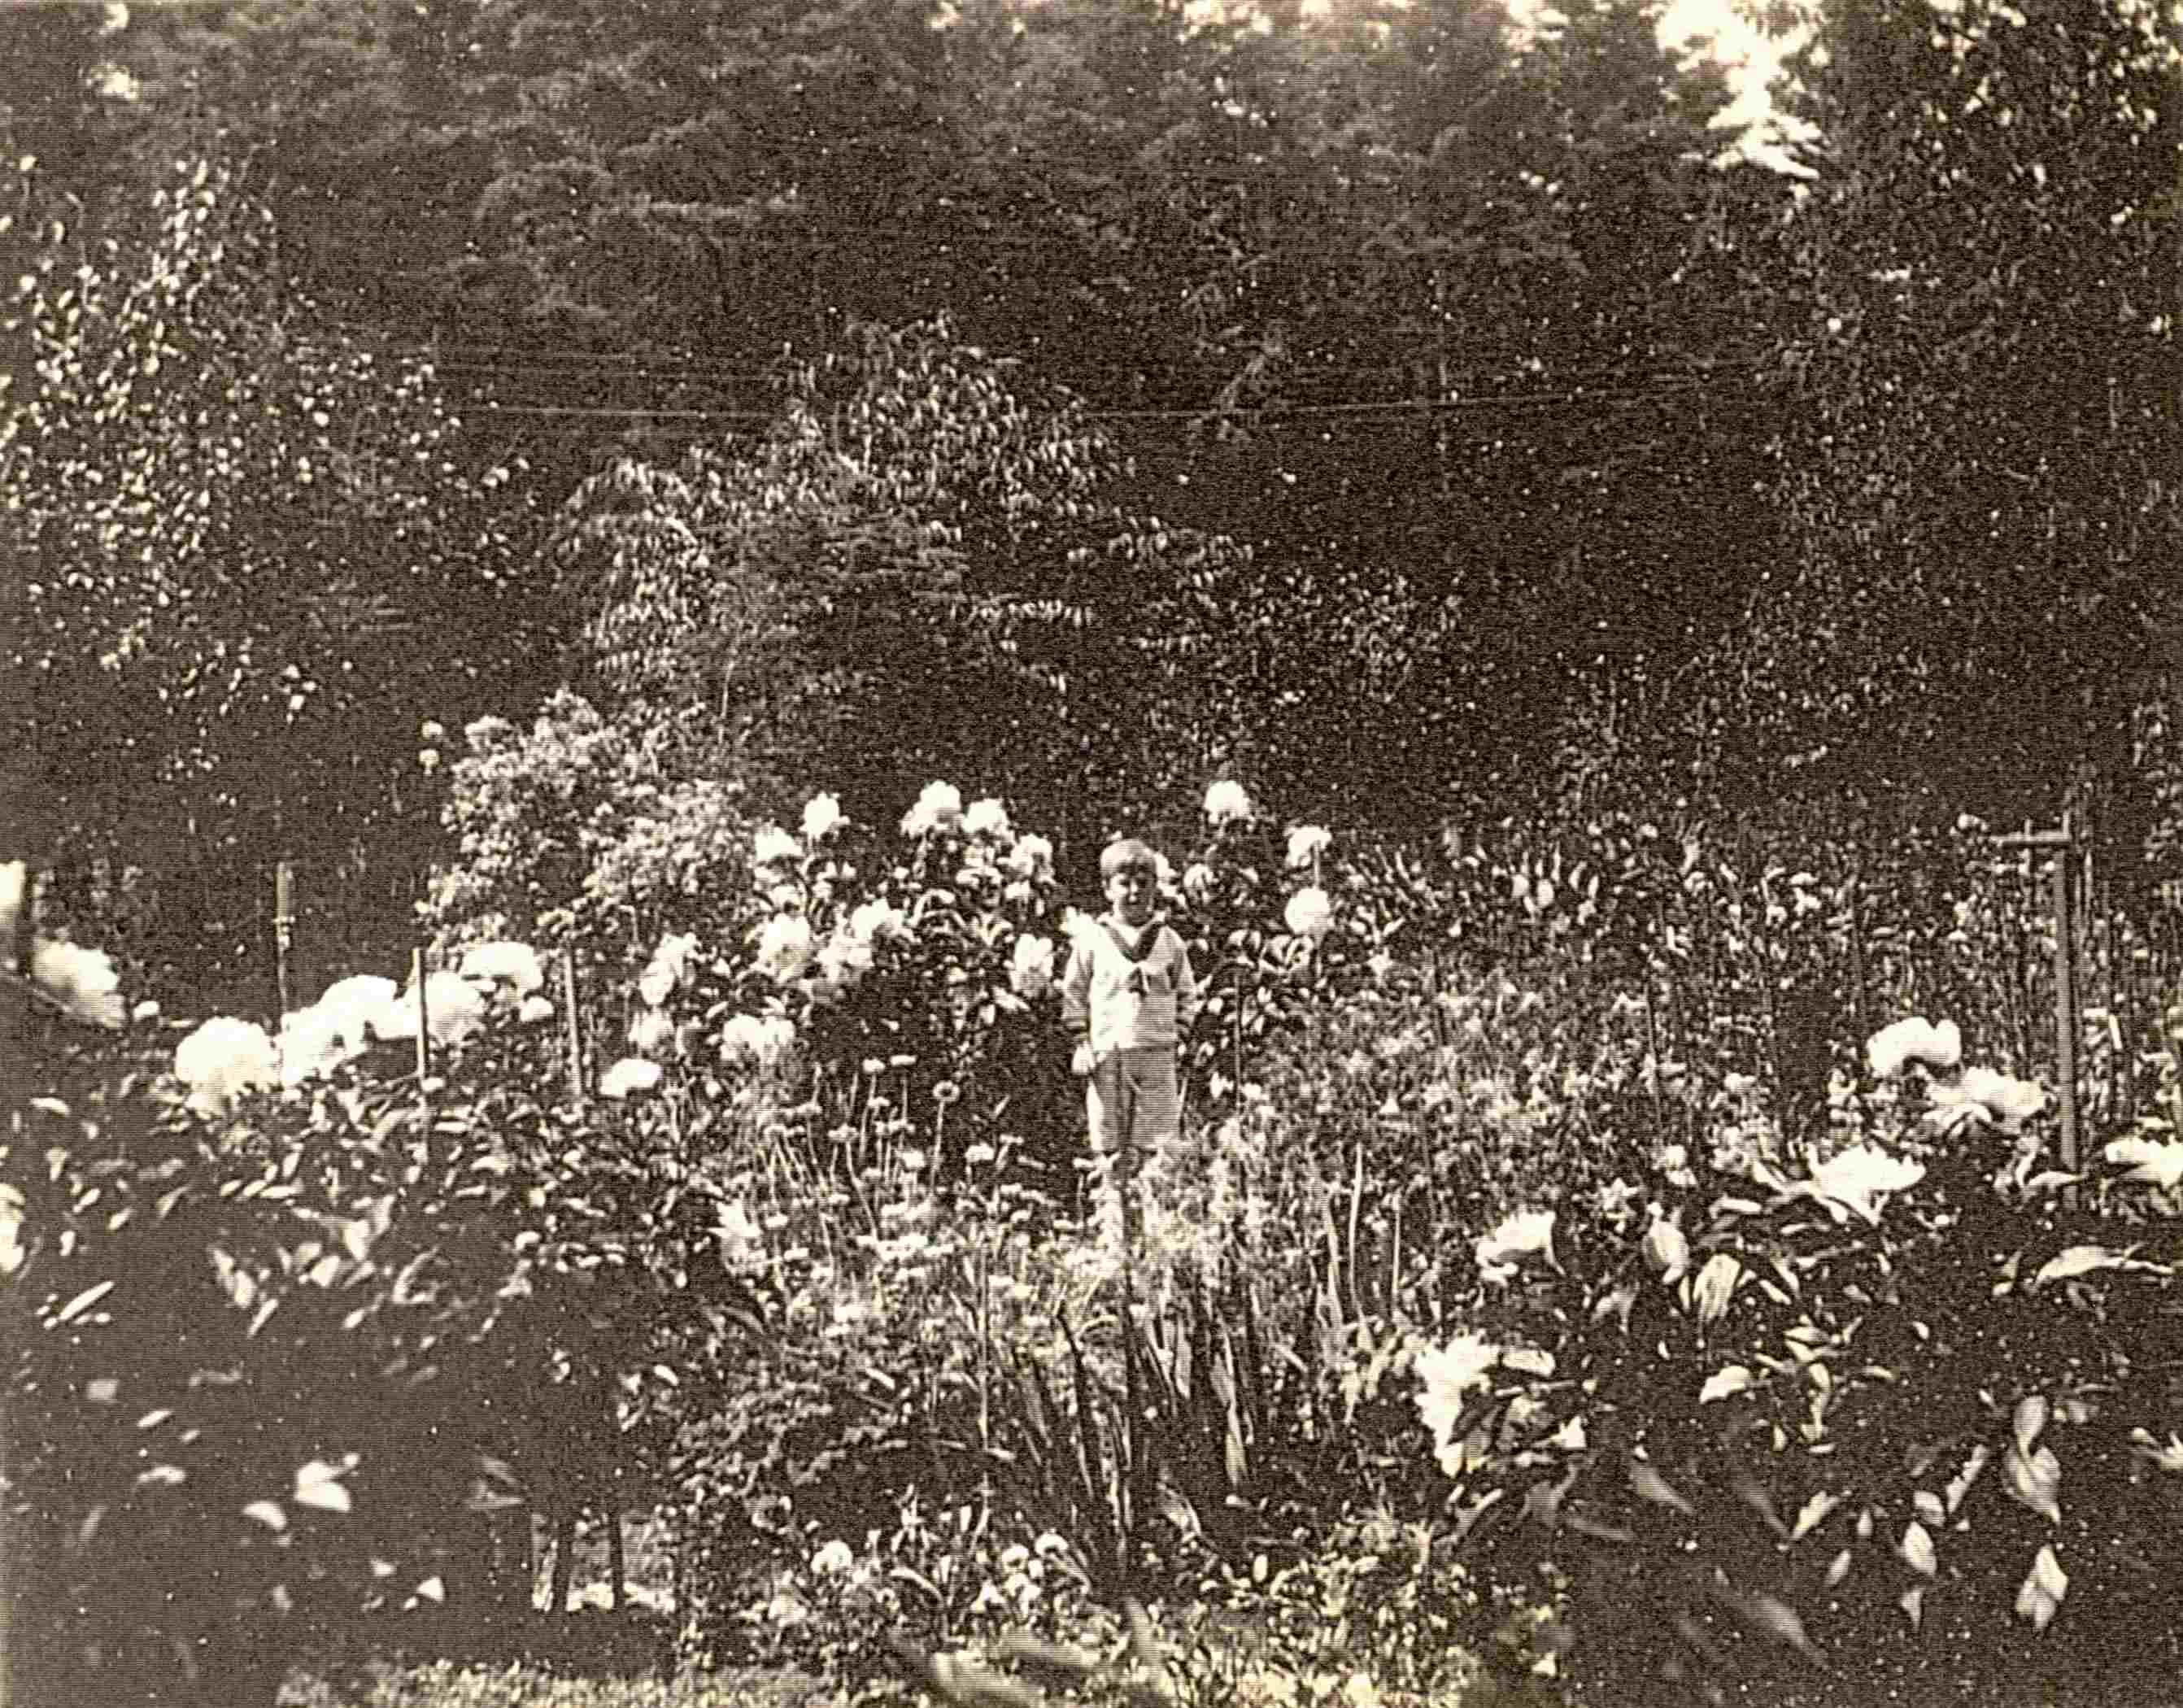 Un enfant vêtu d'un costume de matelot est photographié au milieu d'un jardin fleuri à l'anglaise.